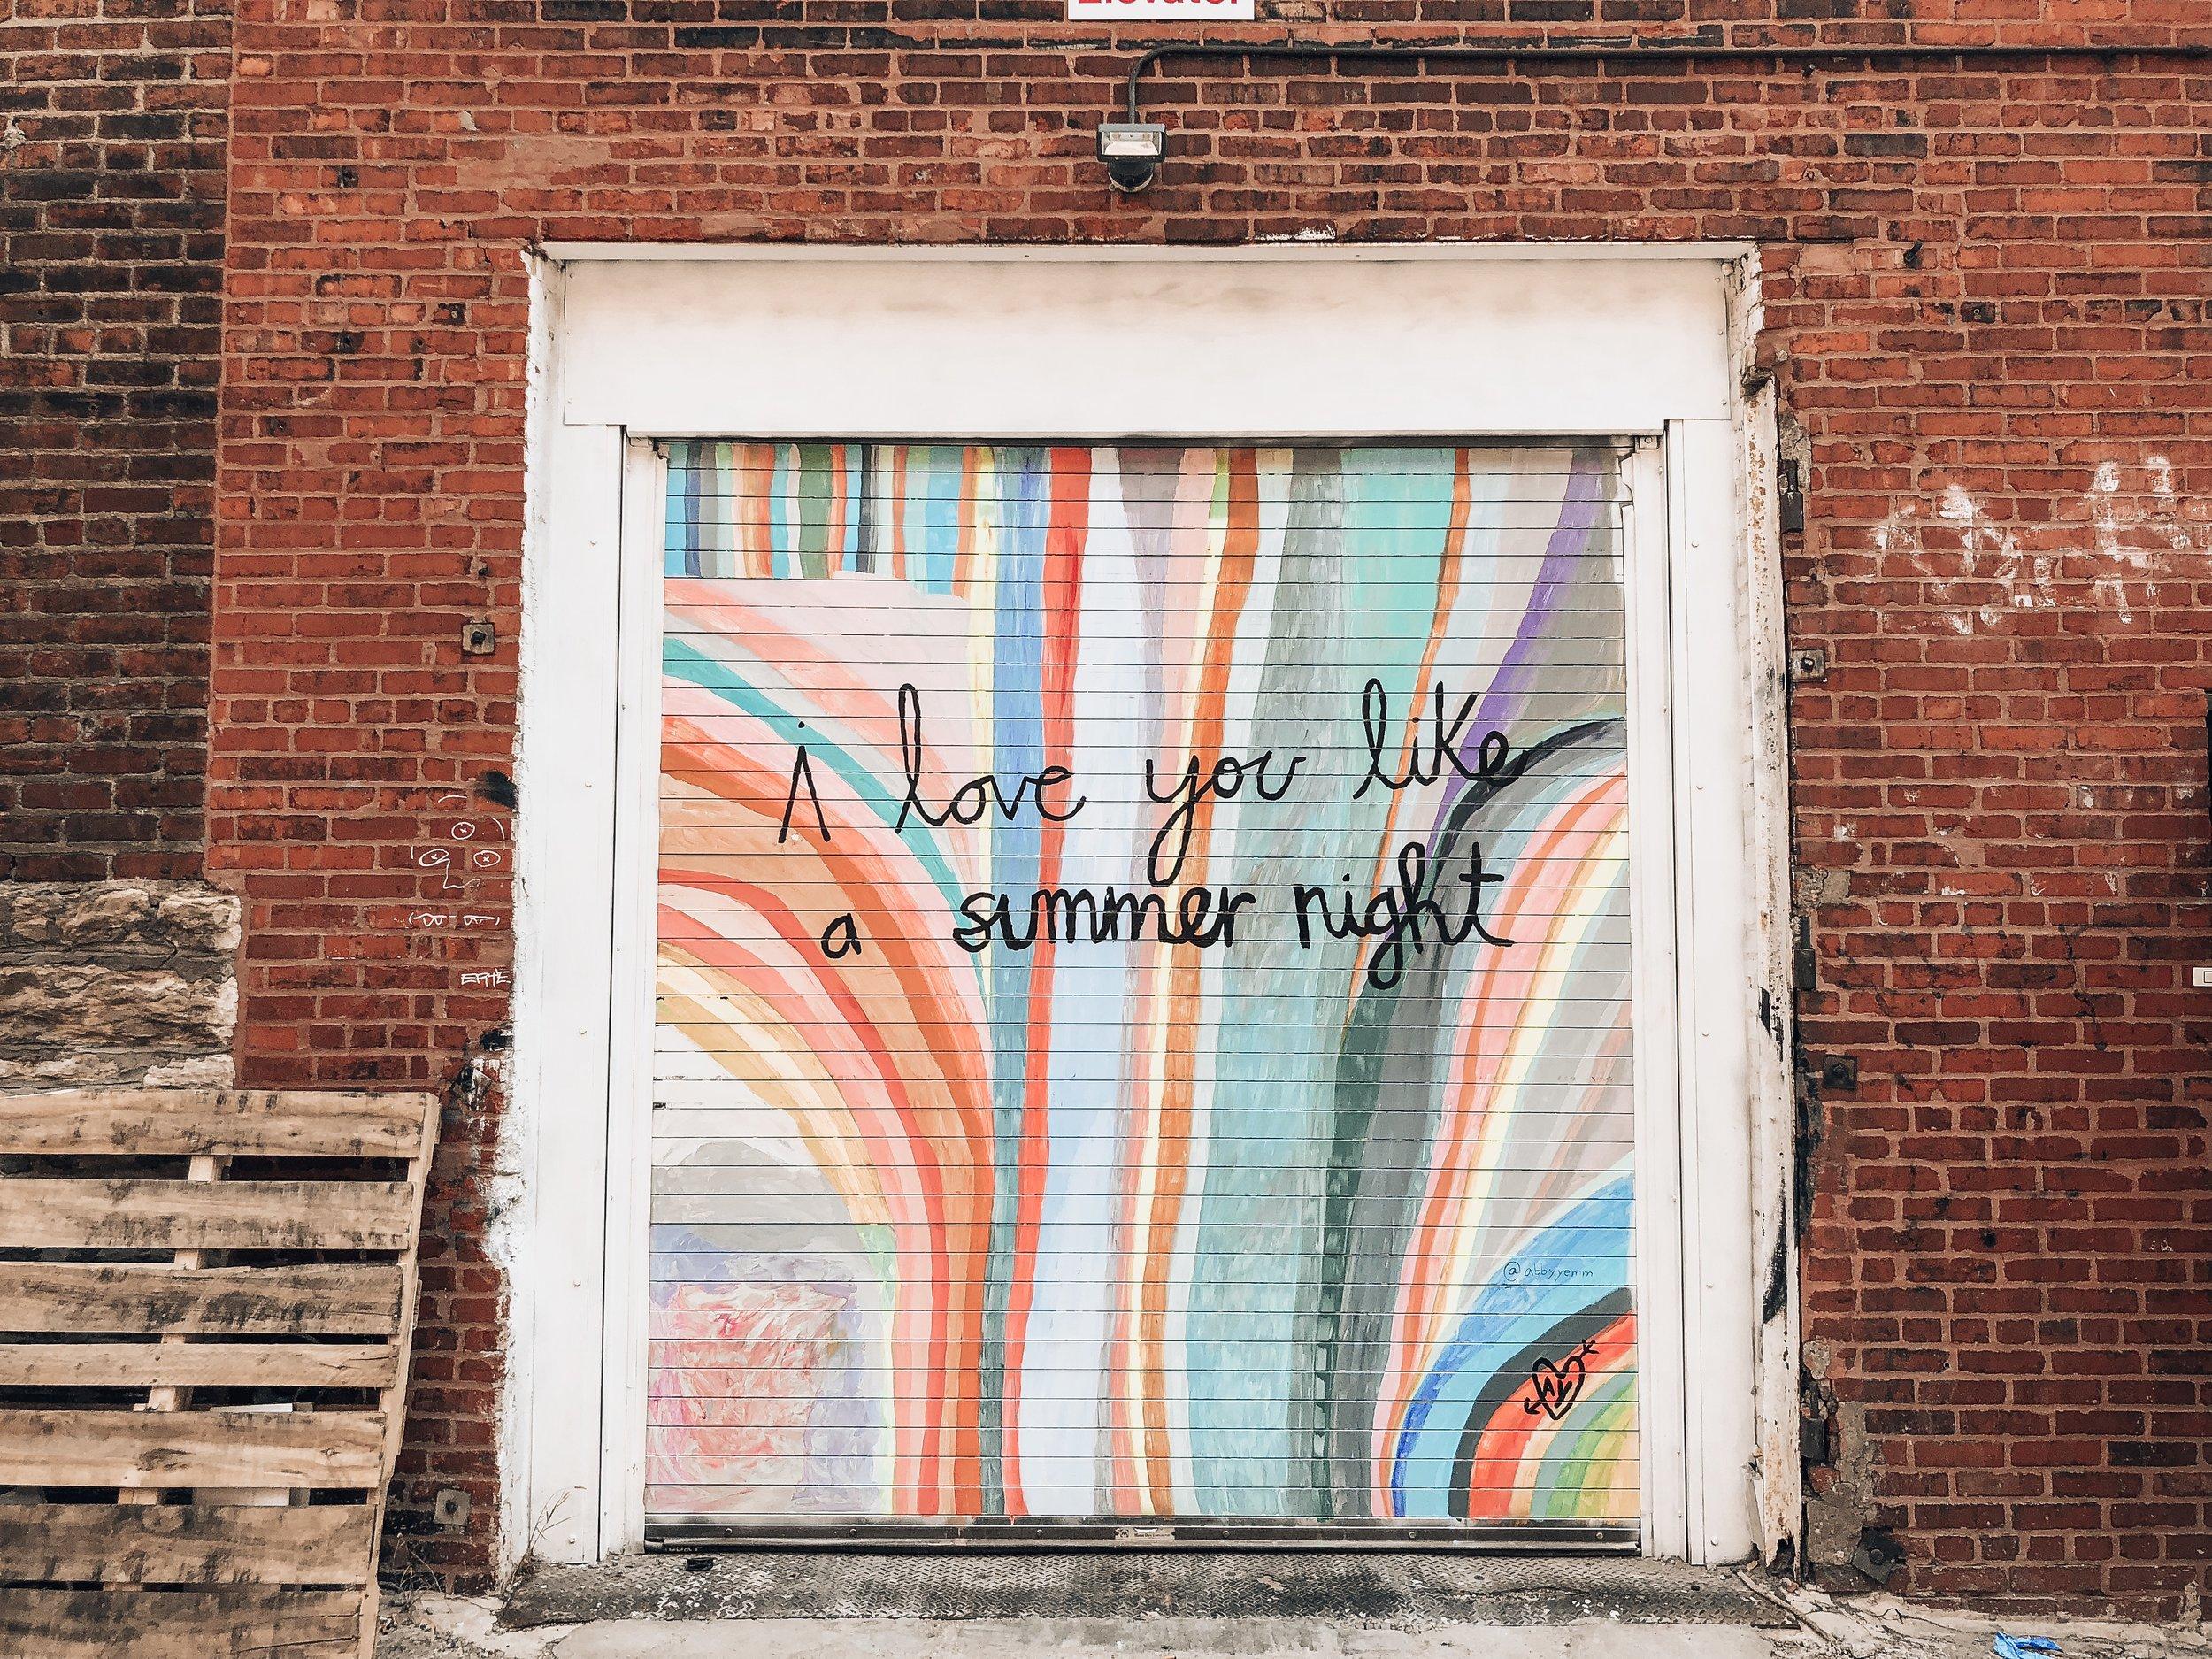 Mural by Abby Yemm.